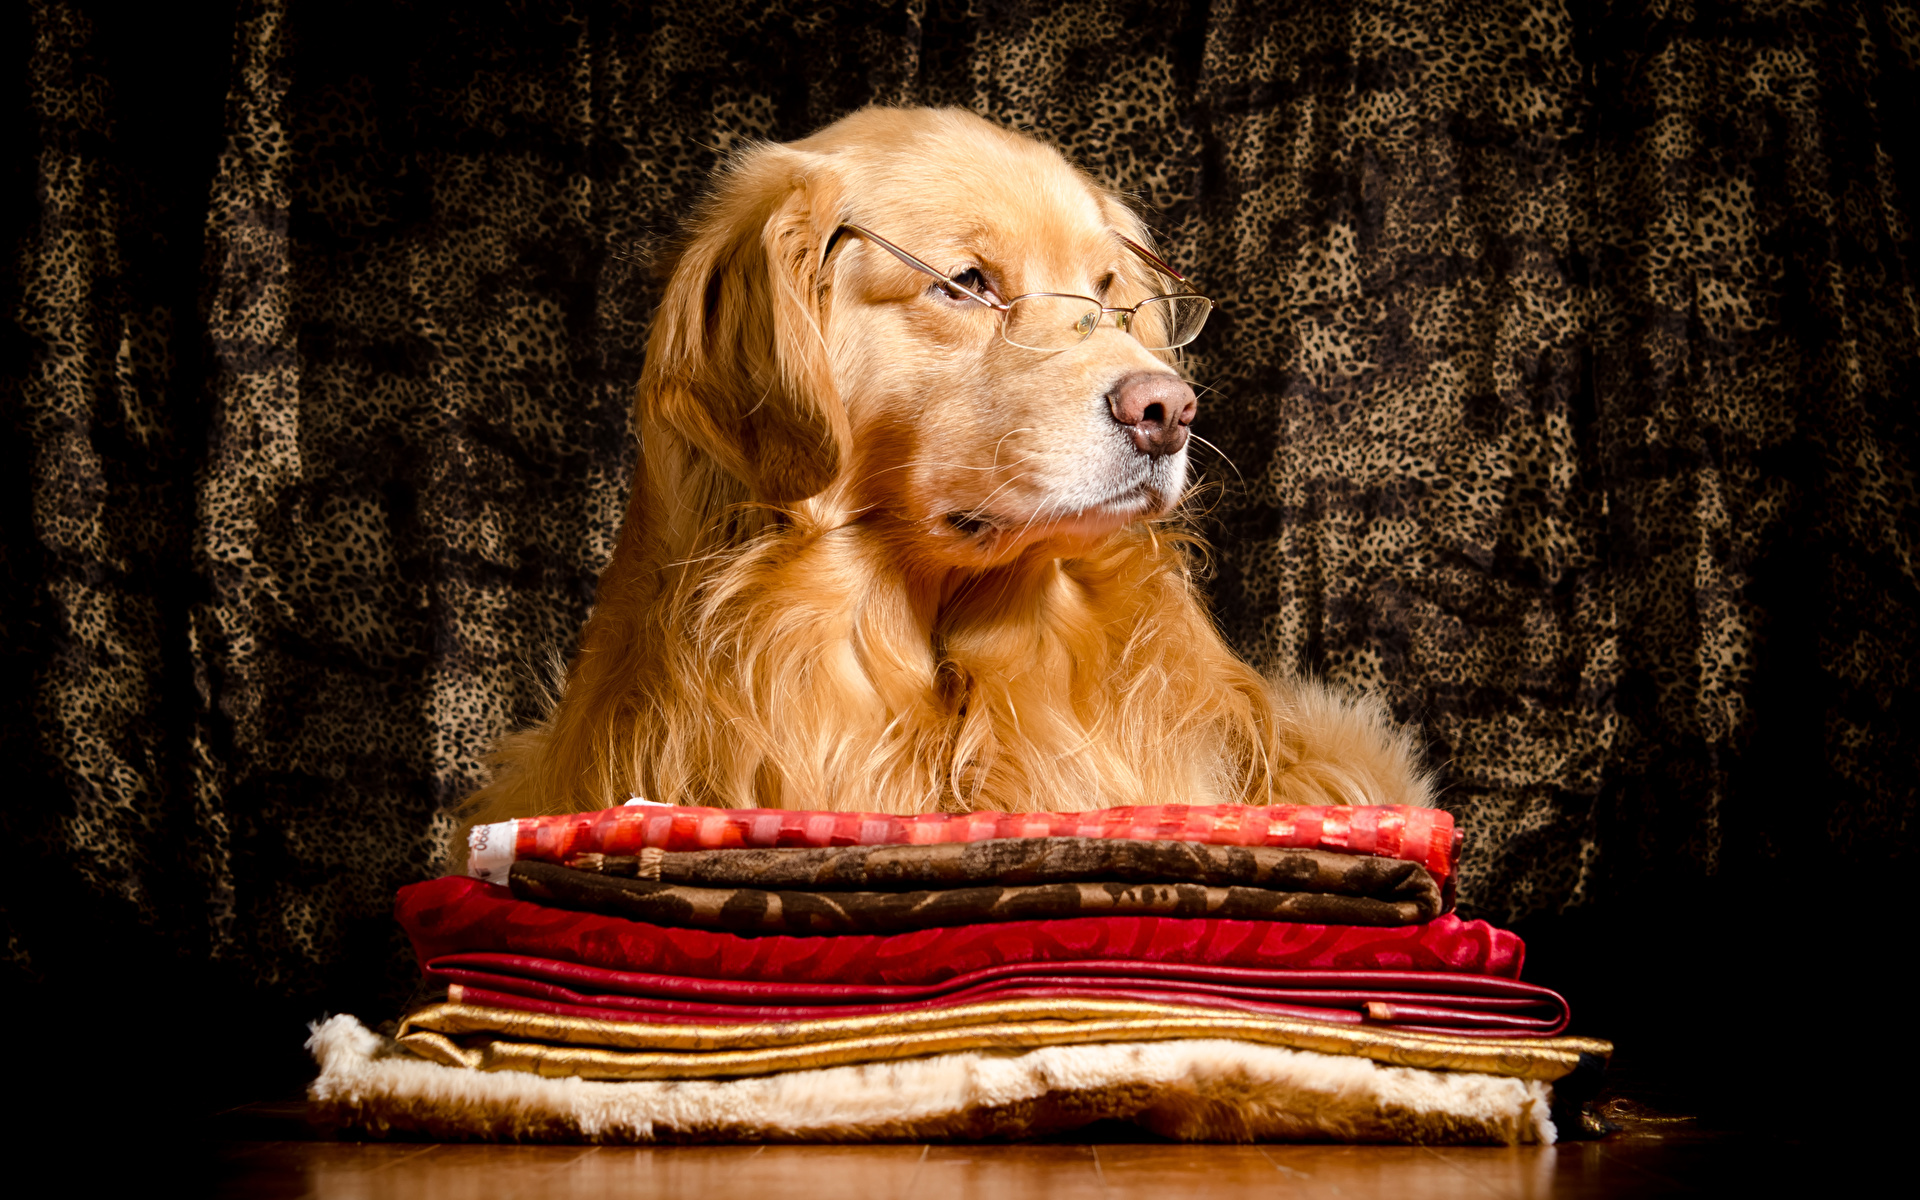 Фотография Золотистый ретривер Собаки очков животное 1920x1200 собака Очки очках Животные